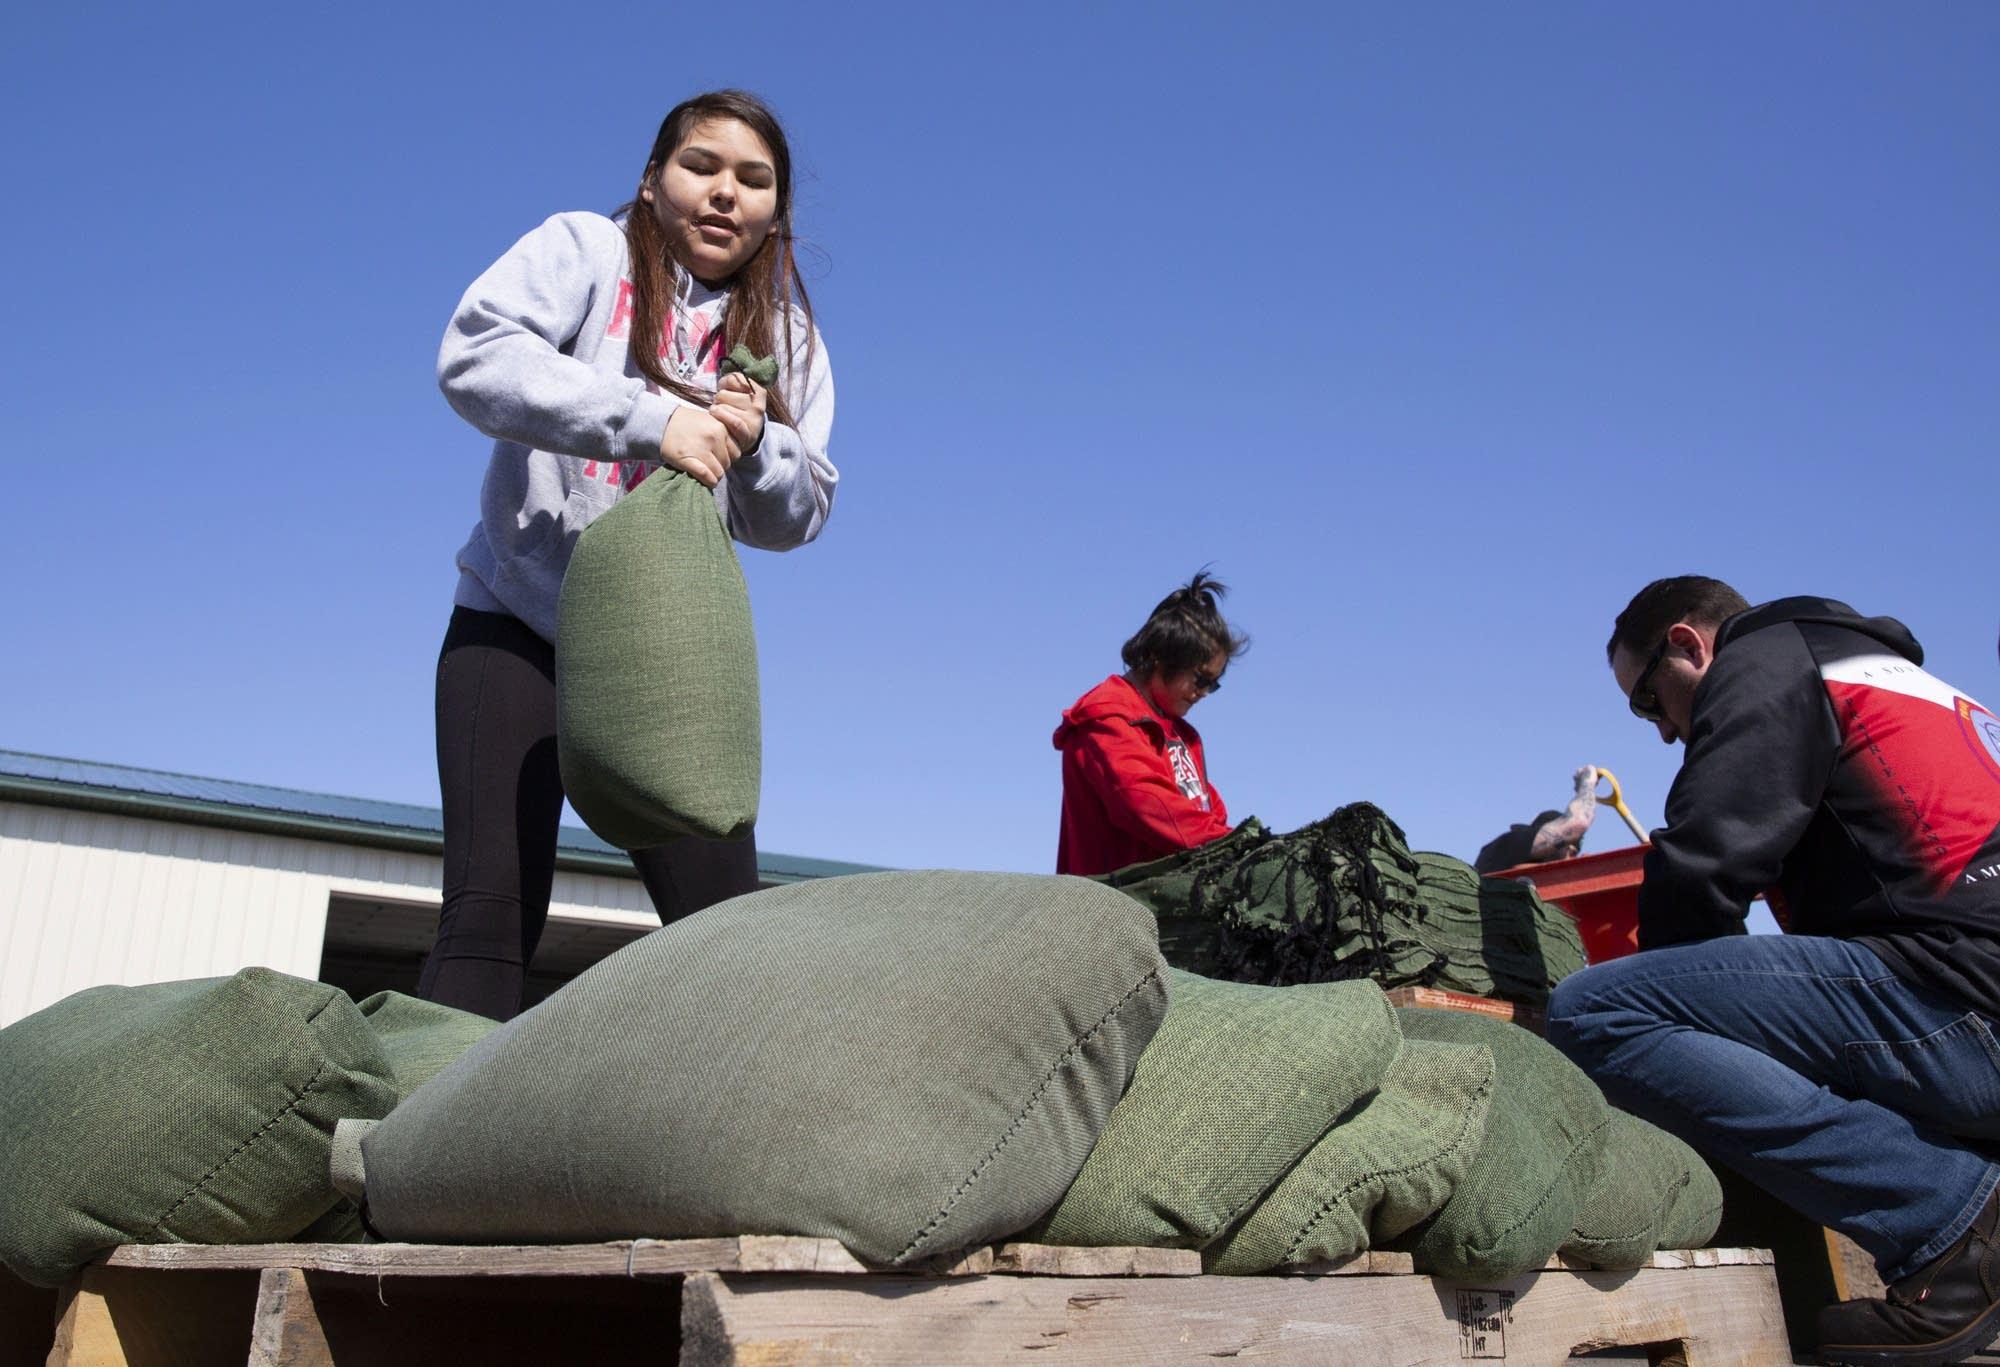 Laraina Franks, 15, helps fill sandbags.